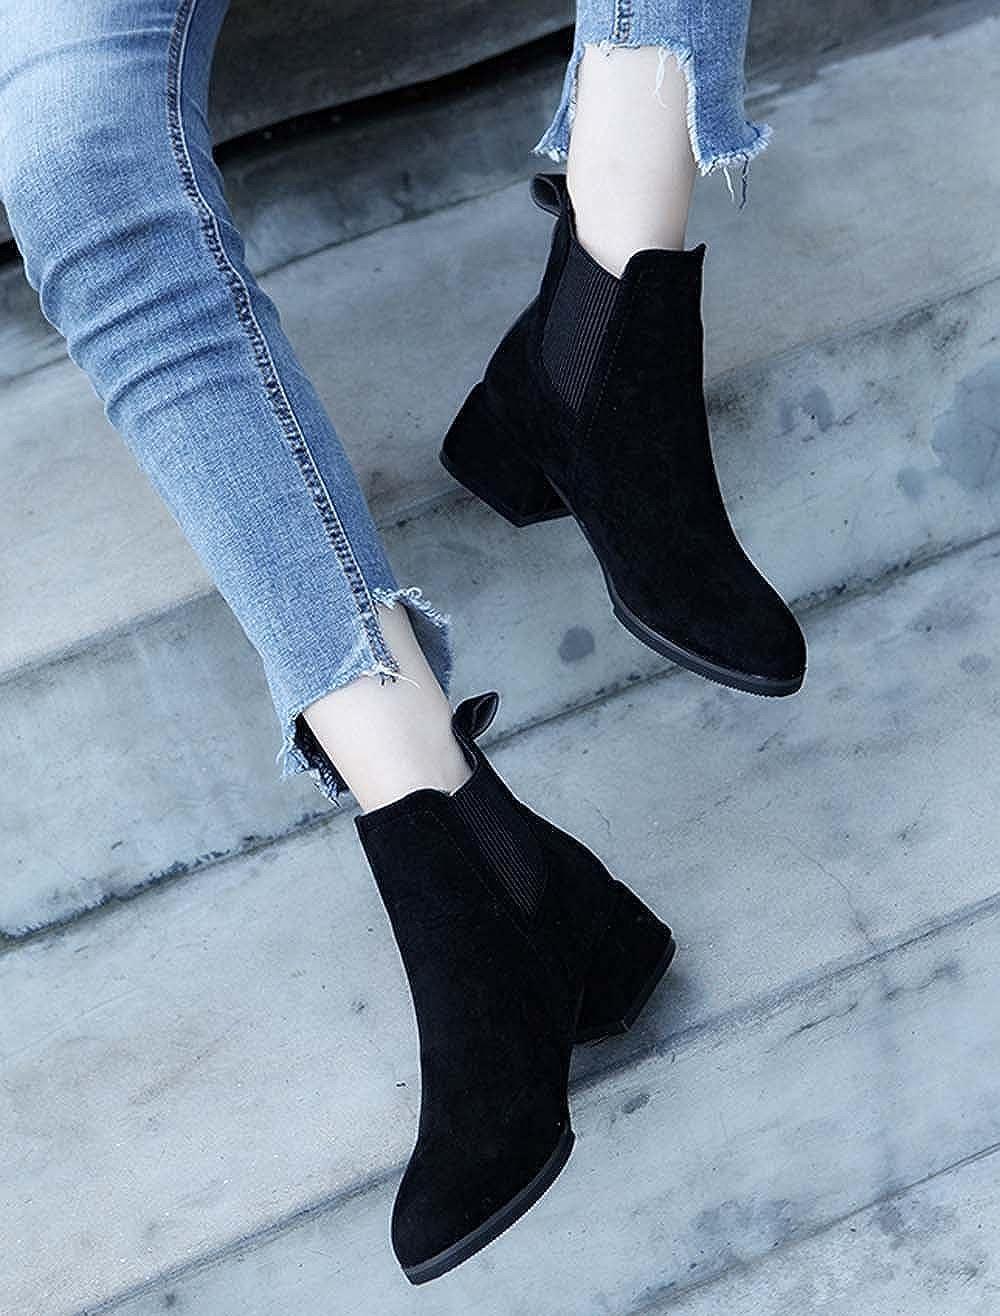 et Sacs Bottes Chaussures Kaiki Chaussures Femmes Femmes Les QCsrdohBtx